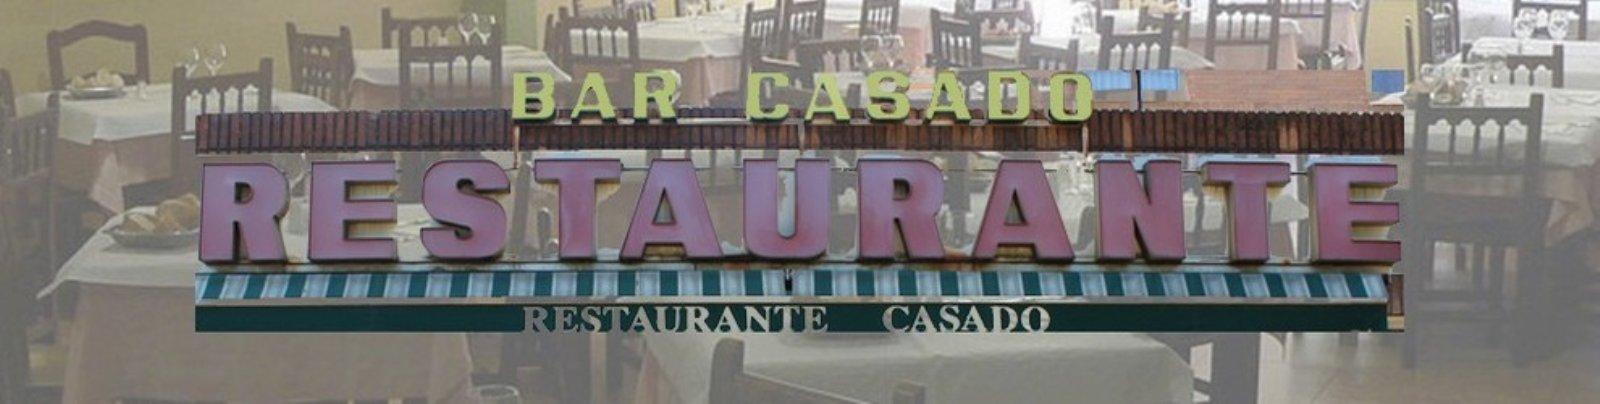 Bar Restaurante Casado, Donde comer, comer en palencia